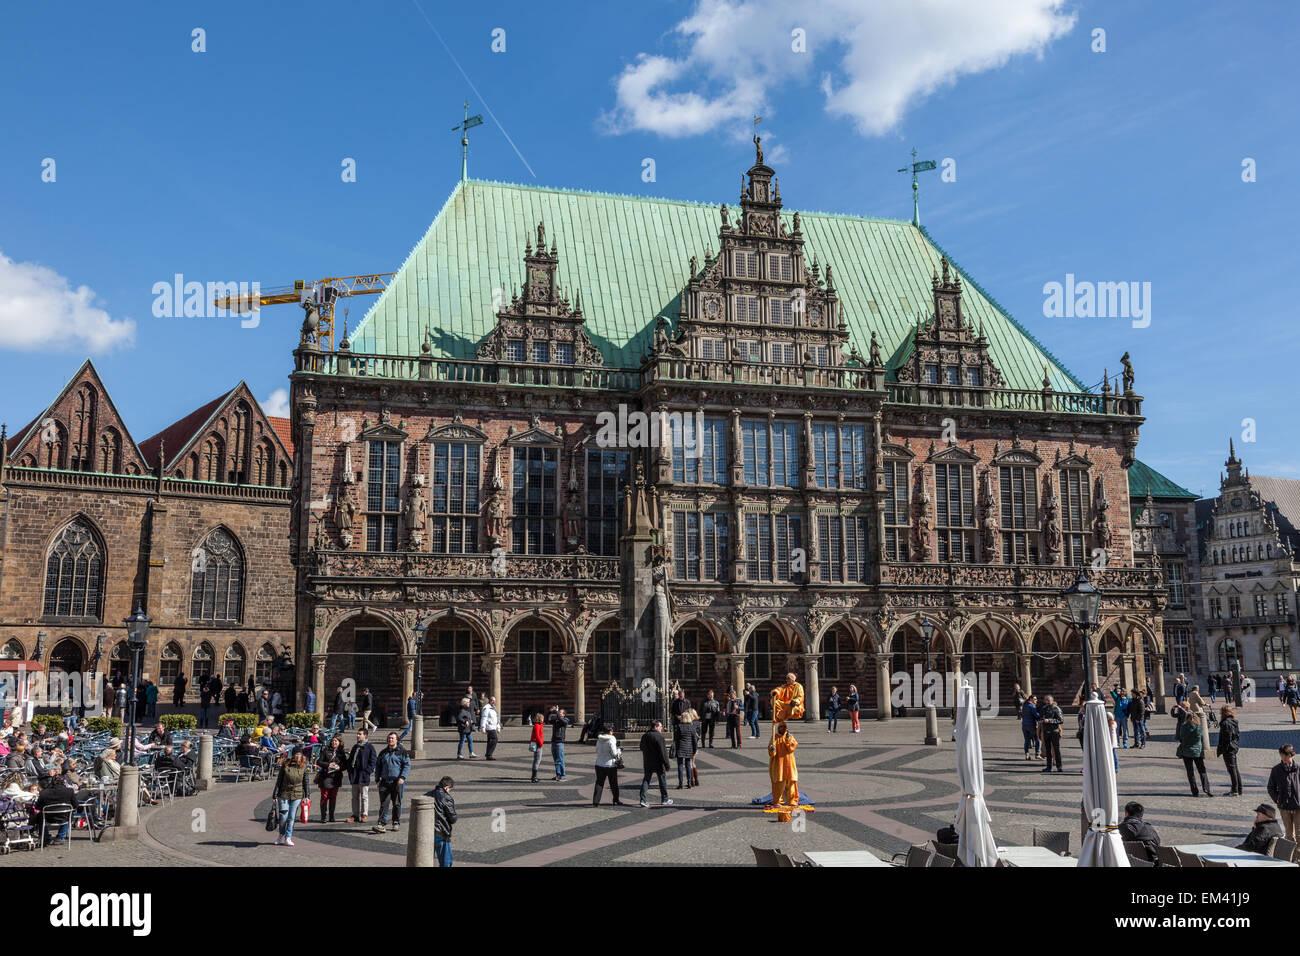 Hôtel de ville historique sur la place principale de Brême, Allemagne Photo Stock